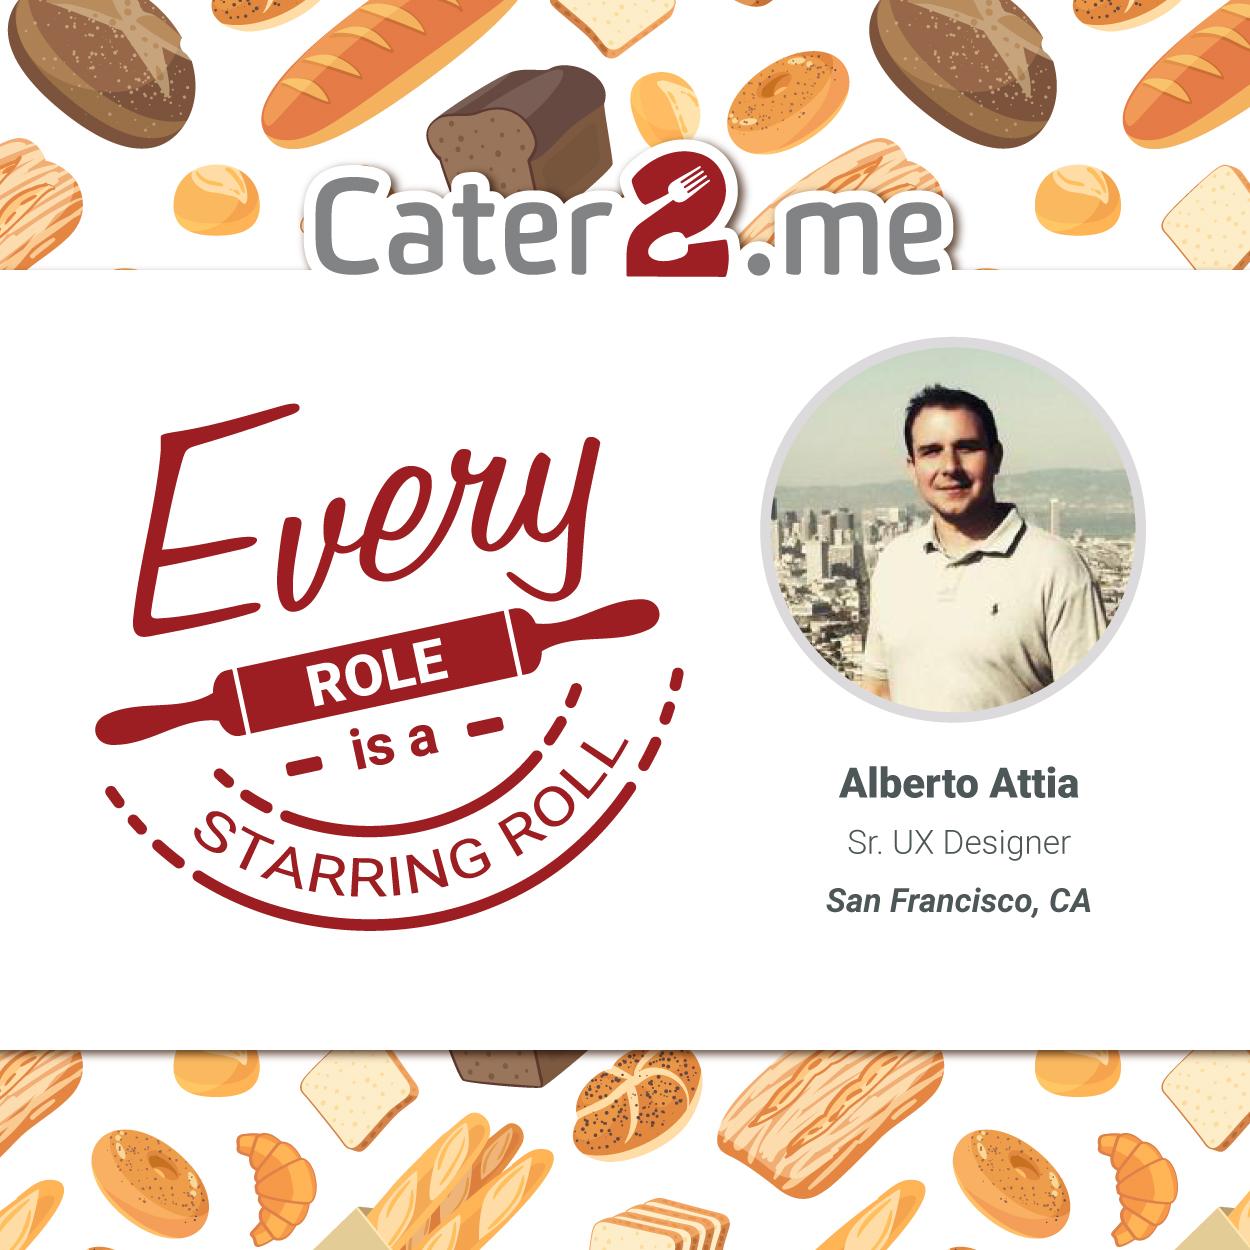 Cater2.me's Alberto Attia